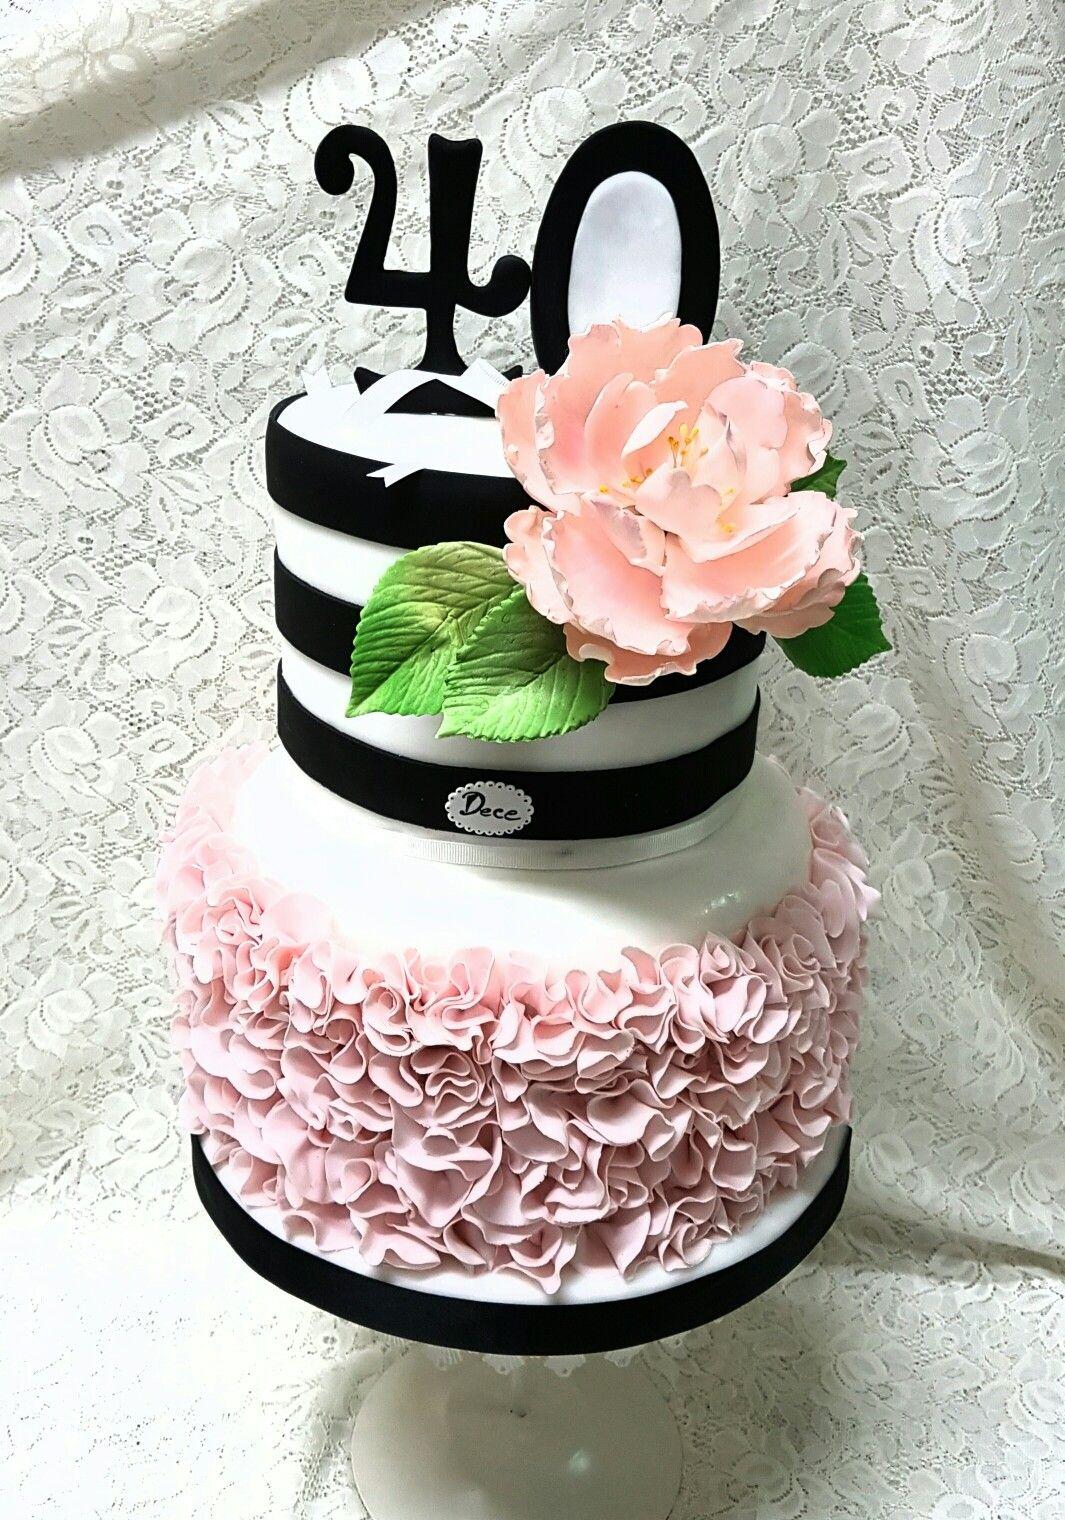 Torta decorata per 40 anni Pasticceria Dece di Nicla e